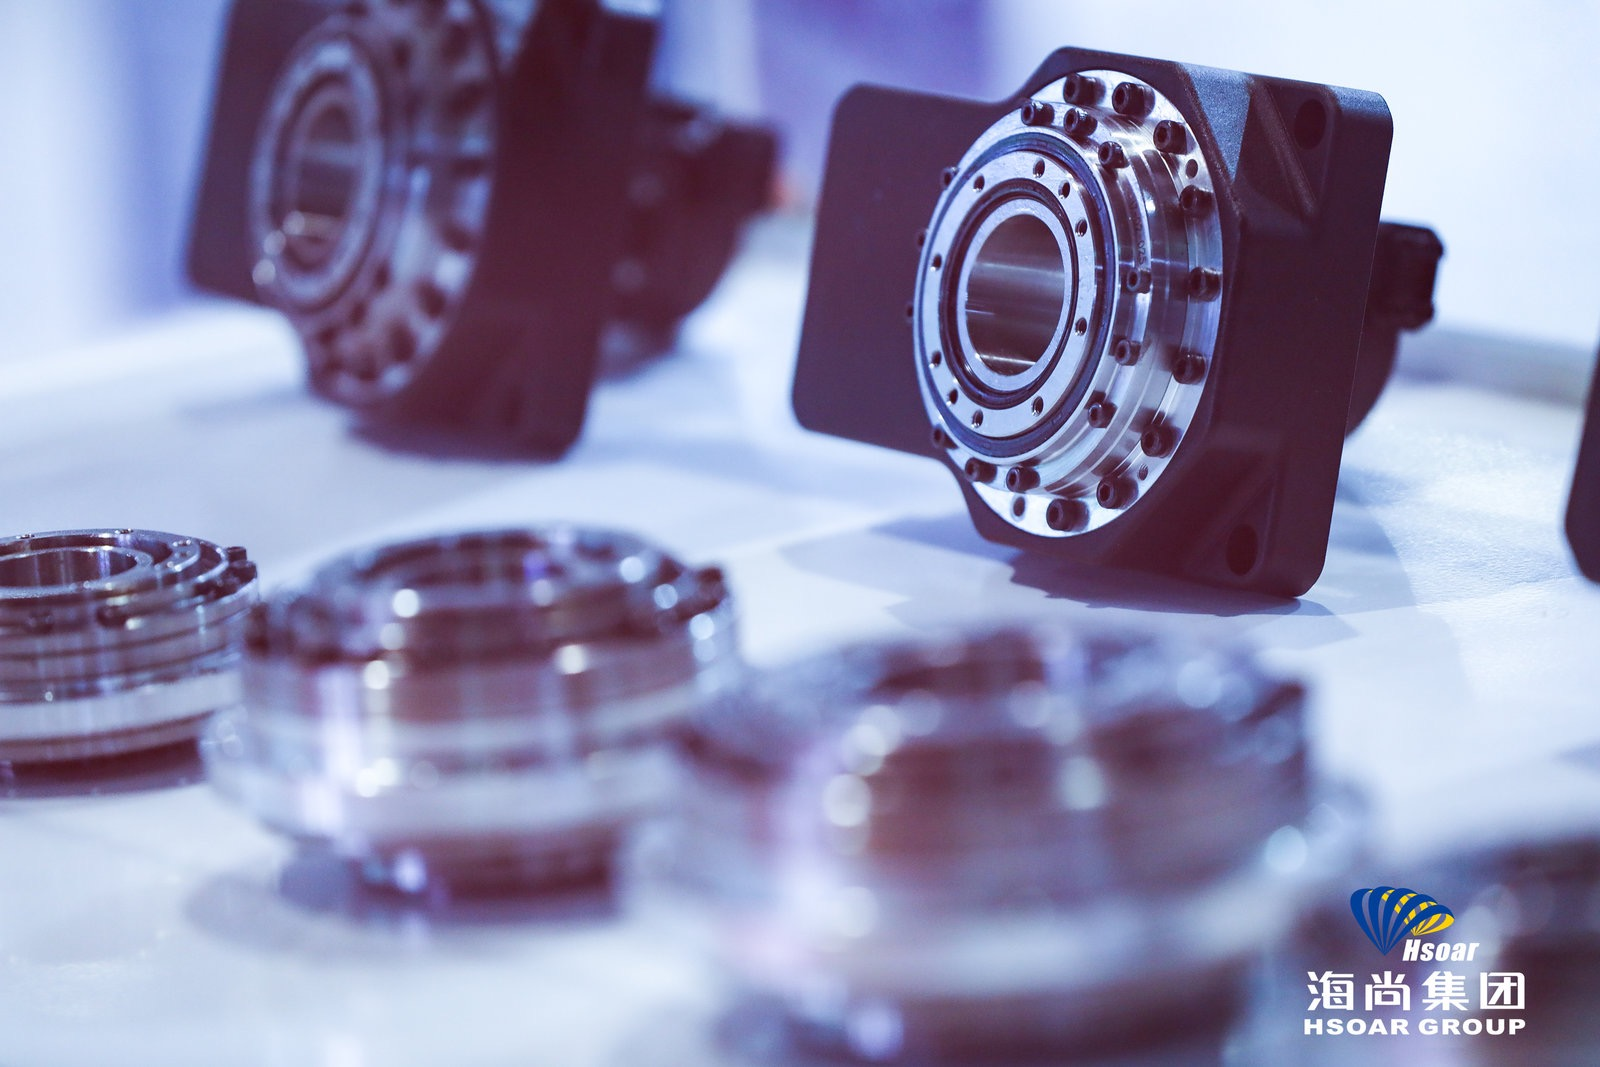 海尚矢量摆线减速机最新技术首发,开创性双摆线差动变速